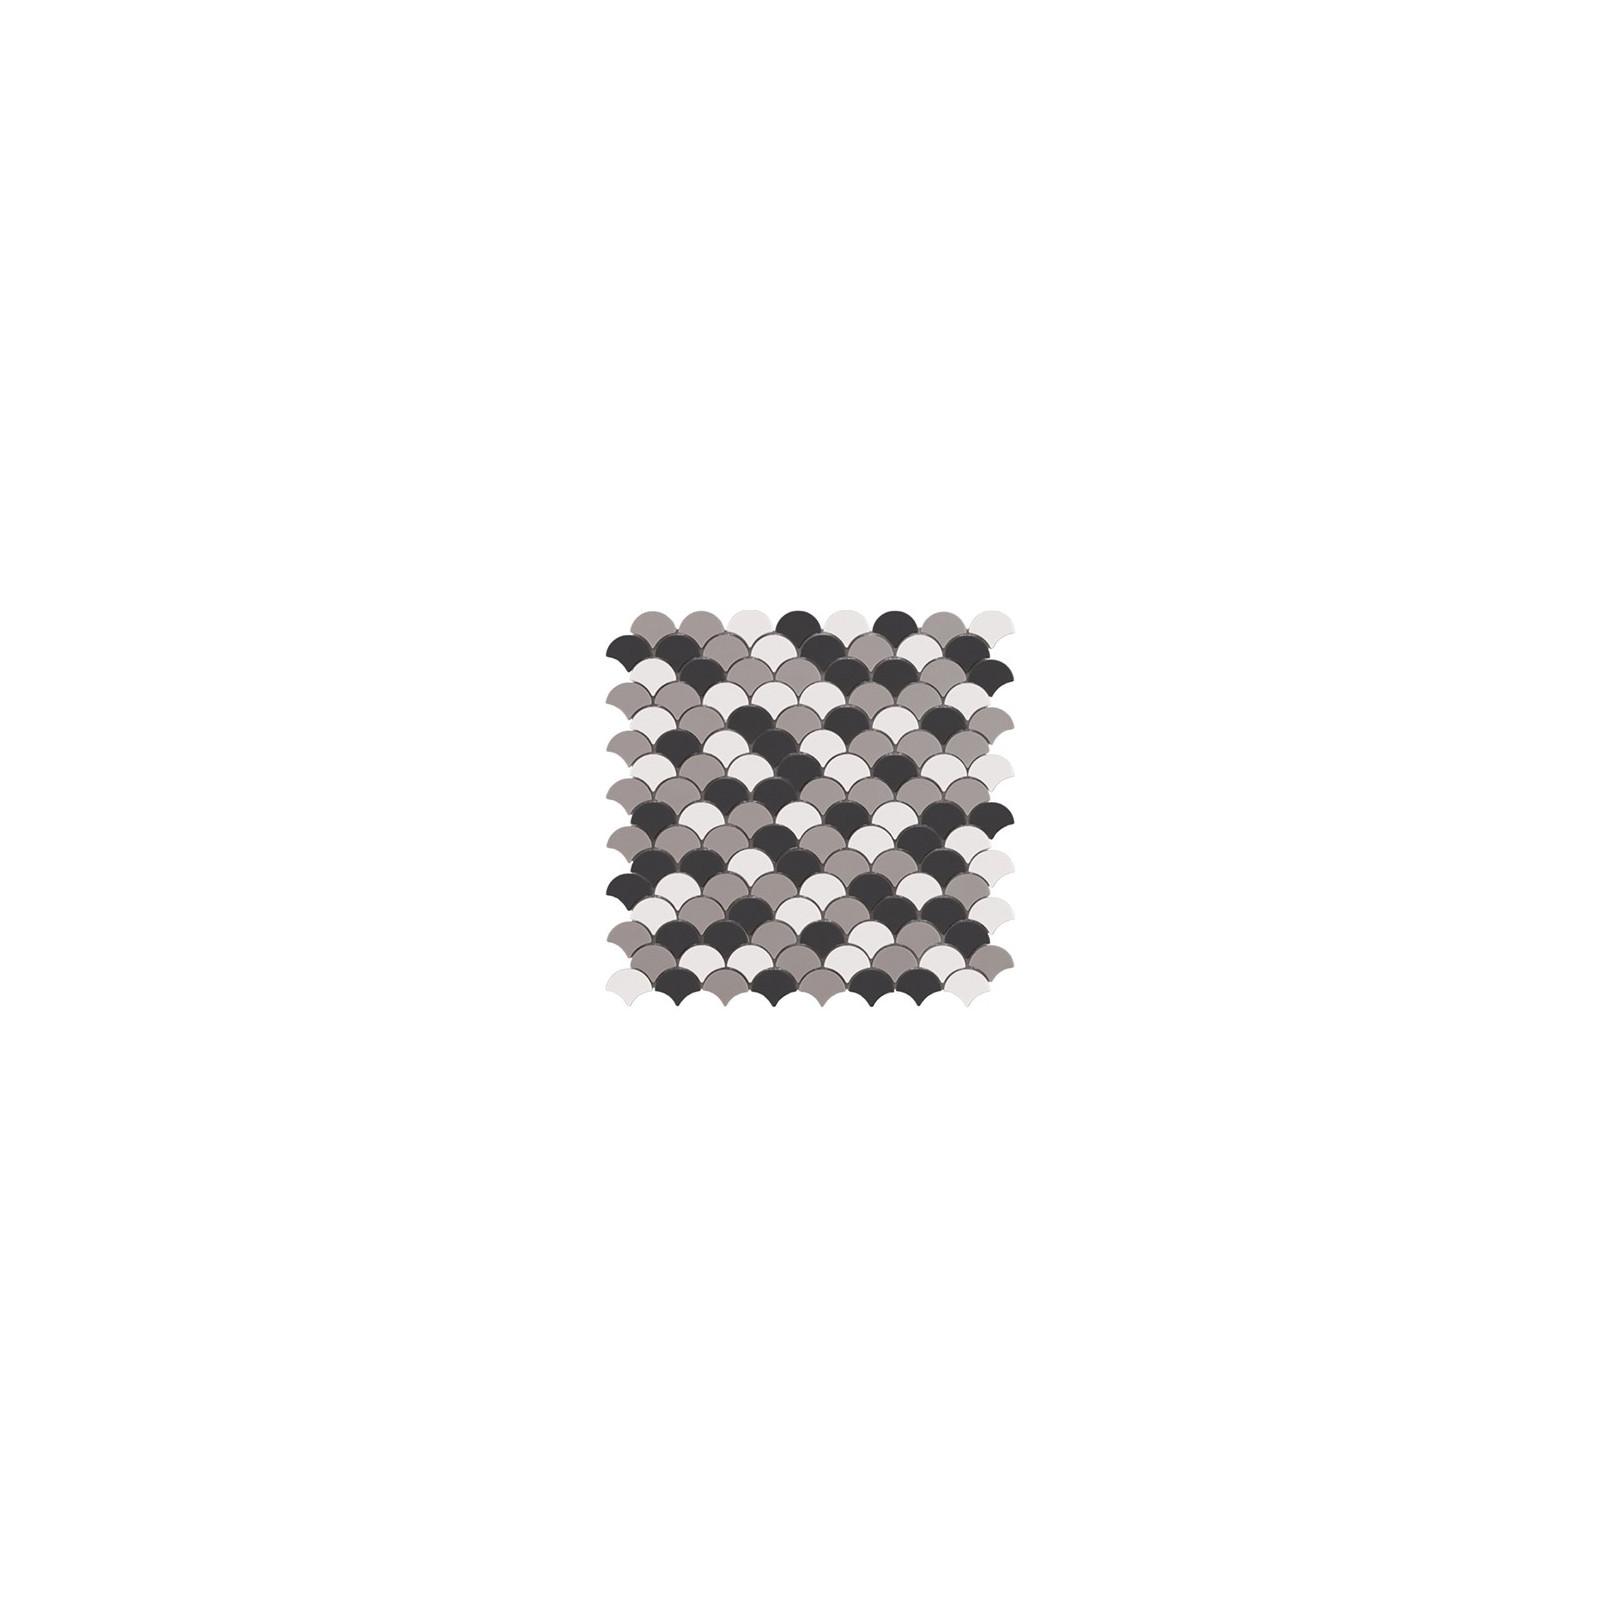 Mosaïque Soul écaille 3,6x2,9cm Frappe Mix (blanc, gris et noir) mat sur trame nylon 32,4x31,7cm